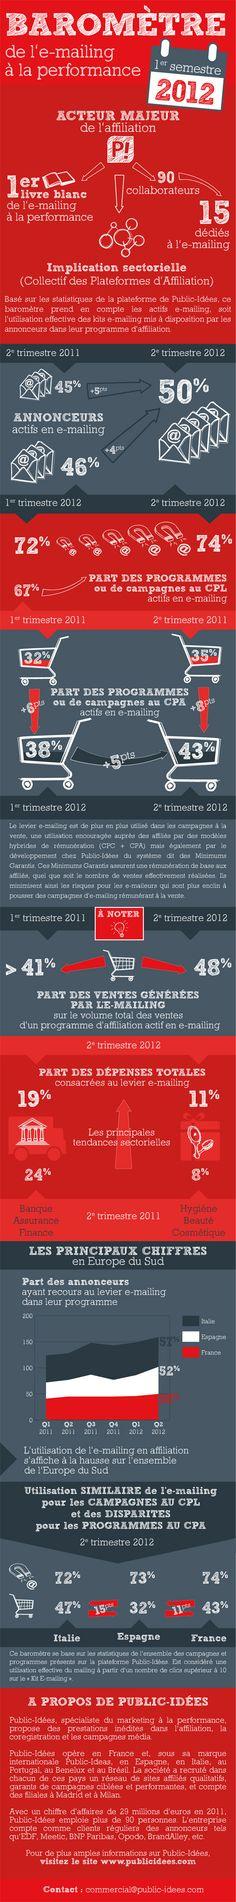 [Infographie] Baromètre Public-Idées de l'e-mailing à la performance – 1er semestre 2012 - #infographics